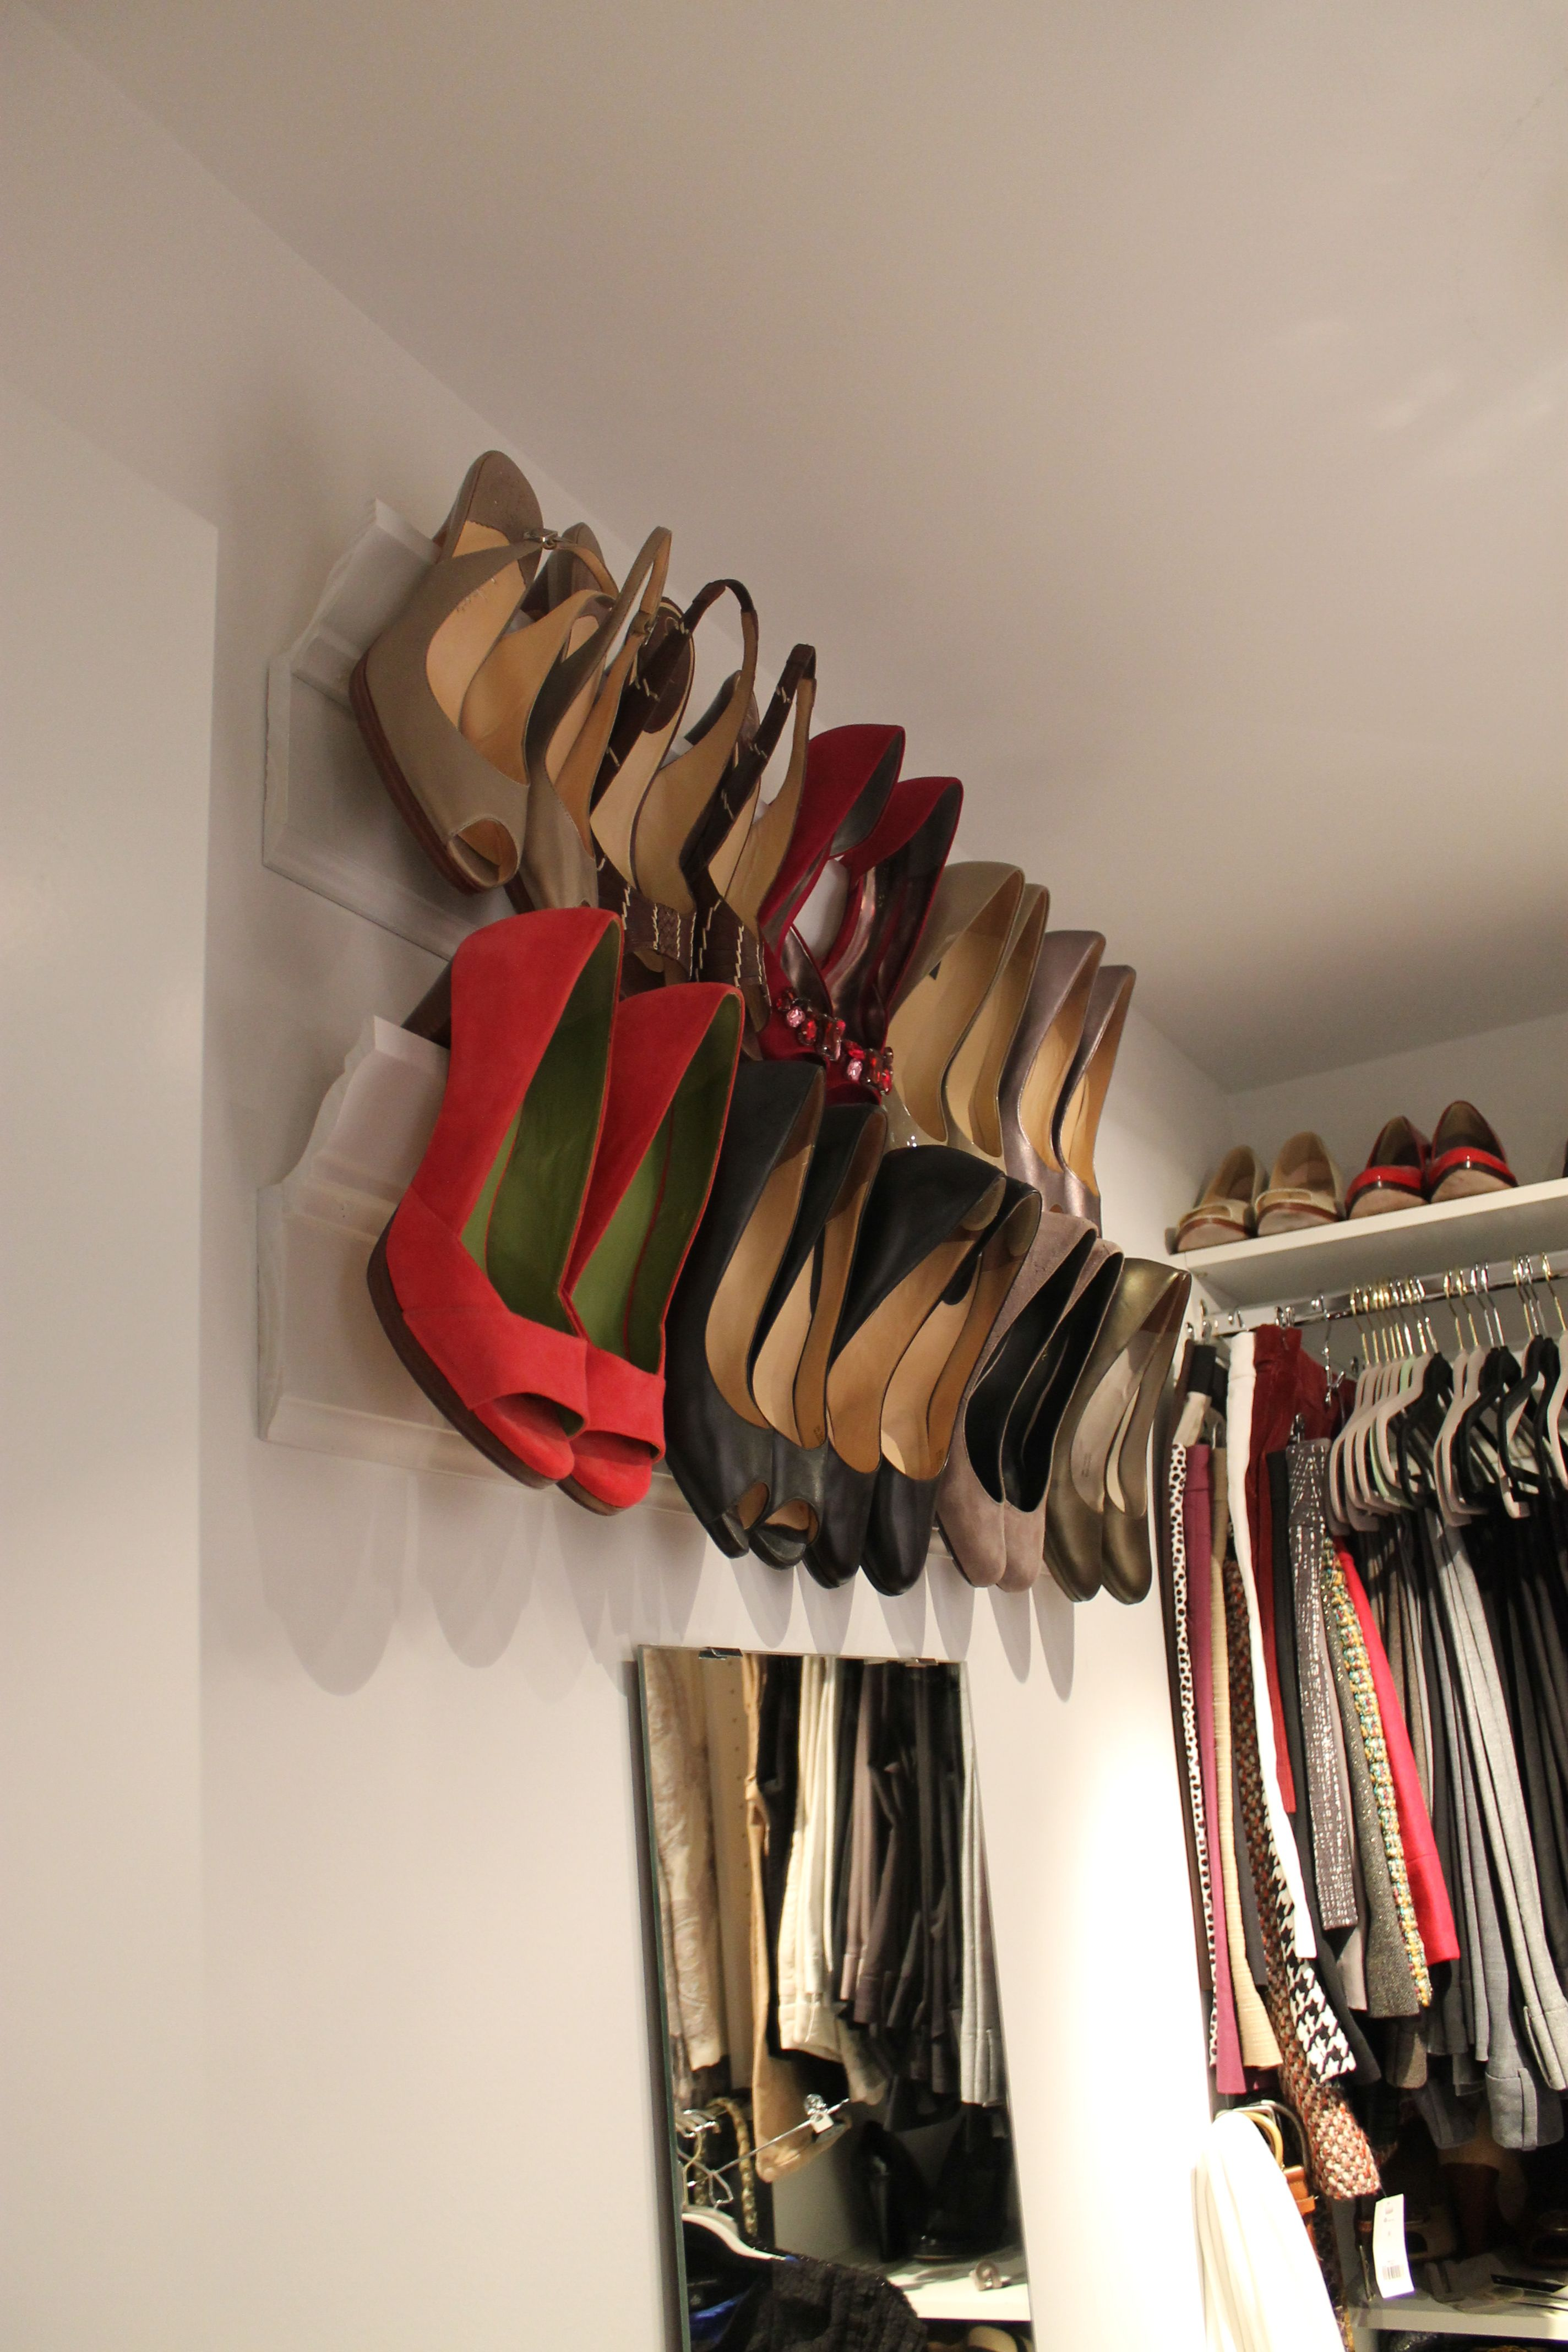 ea94474b 40 Brillantes maneras de ordenar tu casa